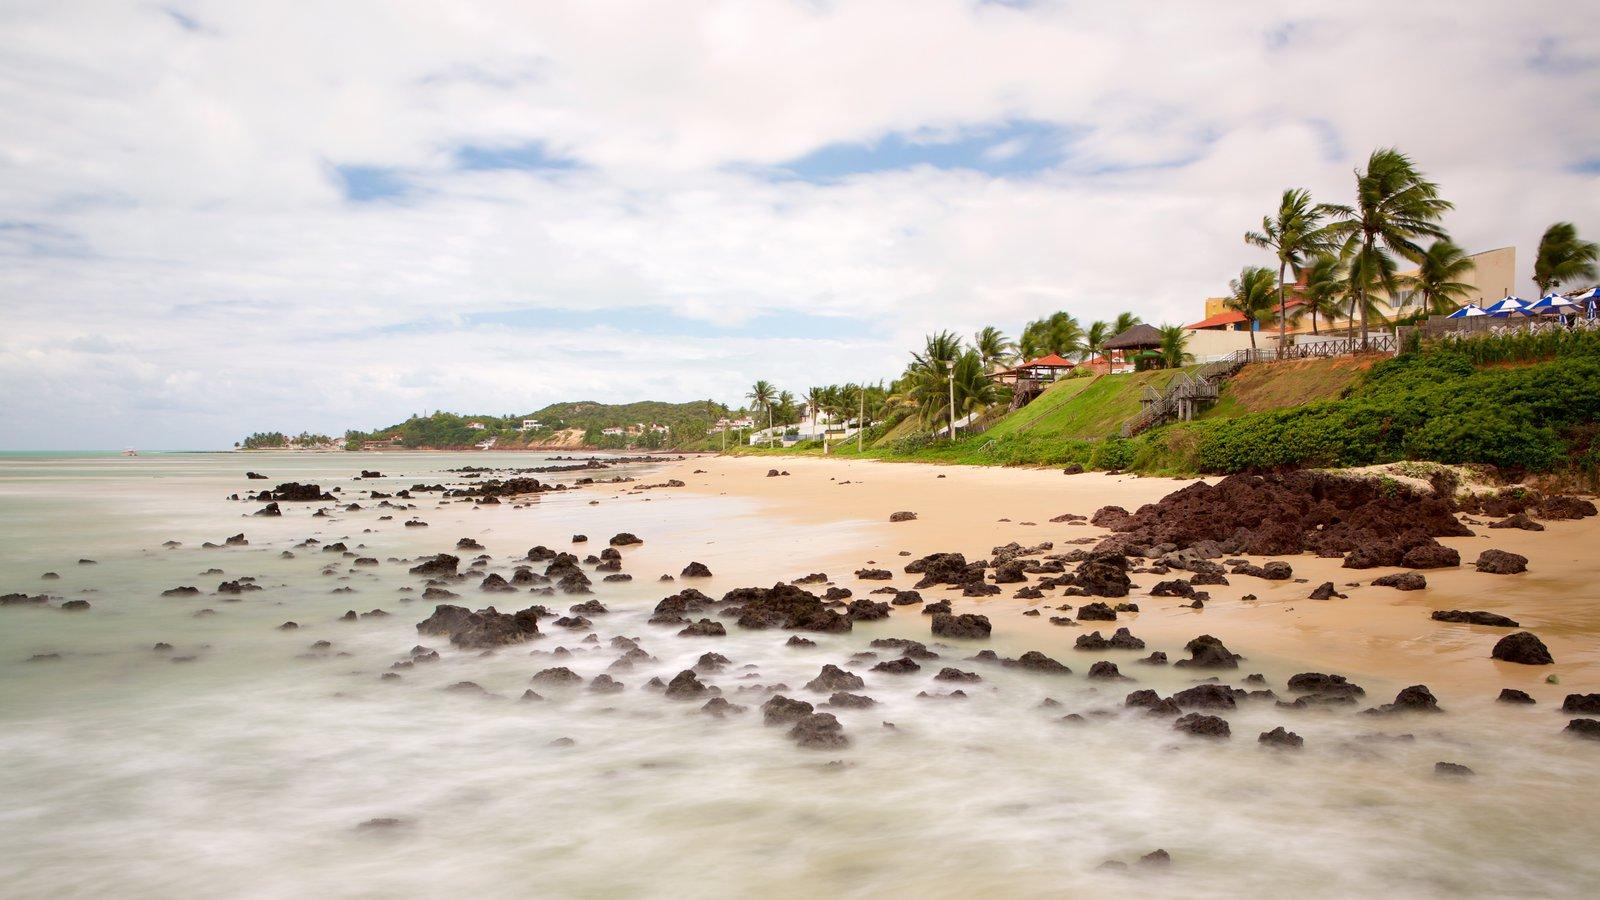 Praia de Pirangi caracterizando paisagens litorâneas, uma praia e cenas tropicais